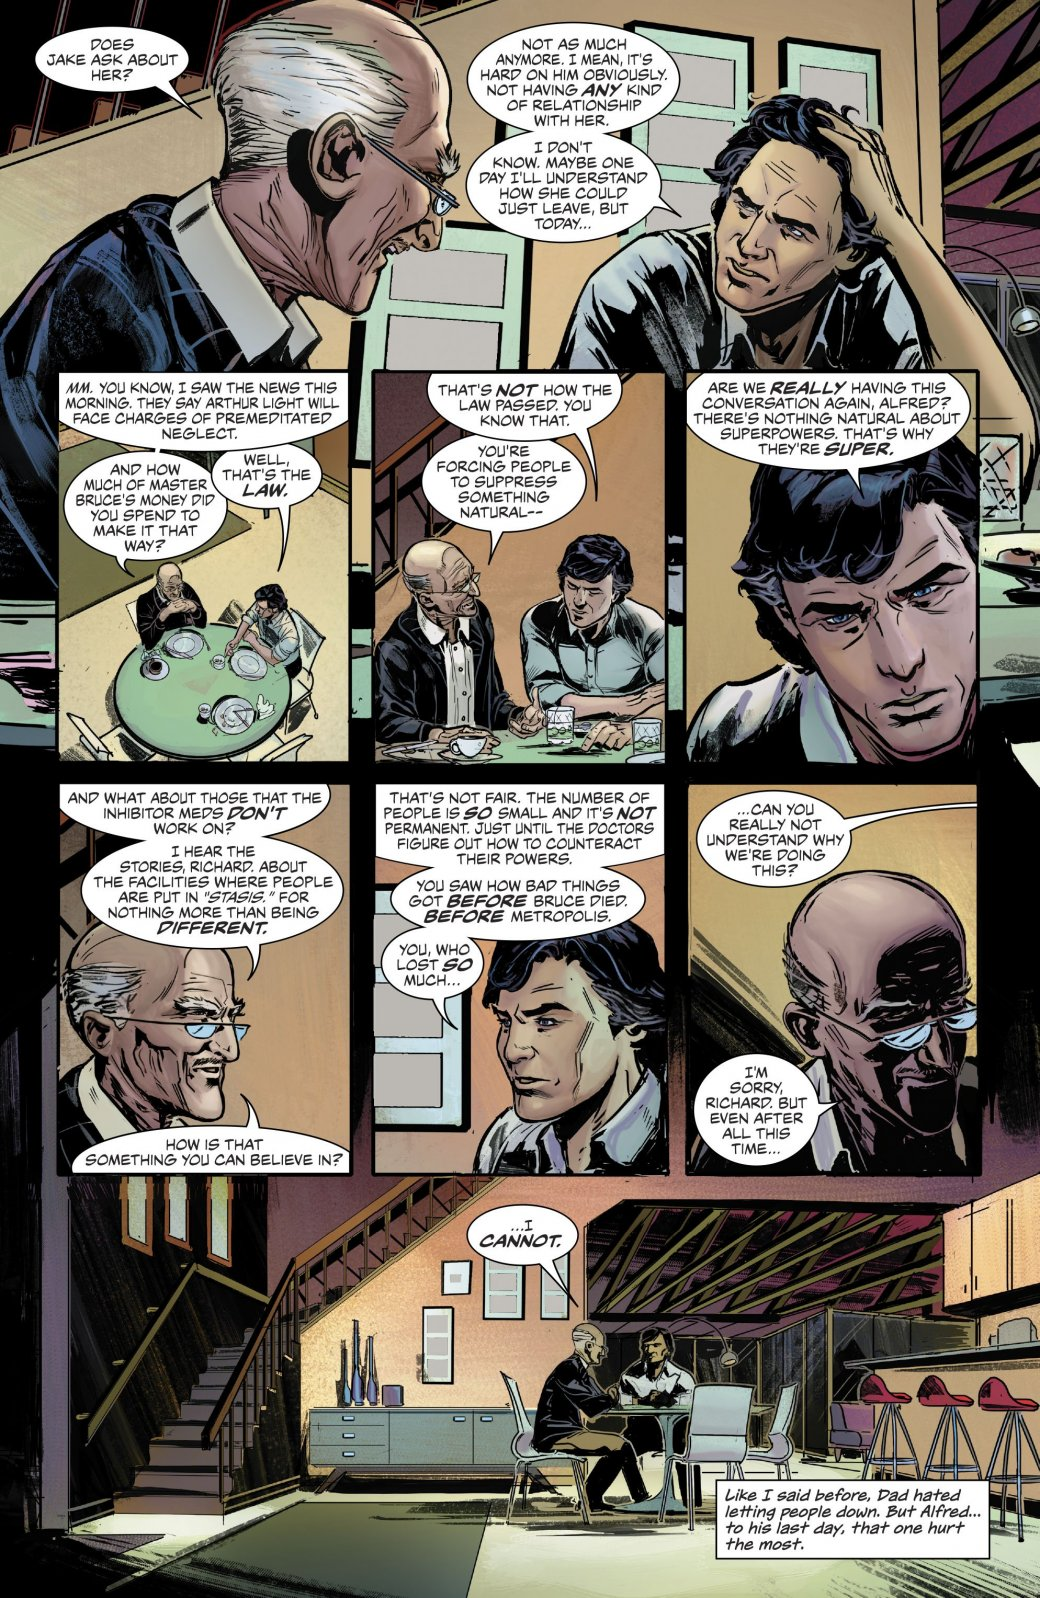 Вмире комикса Nightwing: The New Order суперспособности вне закона